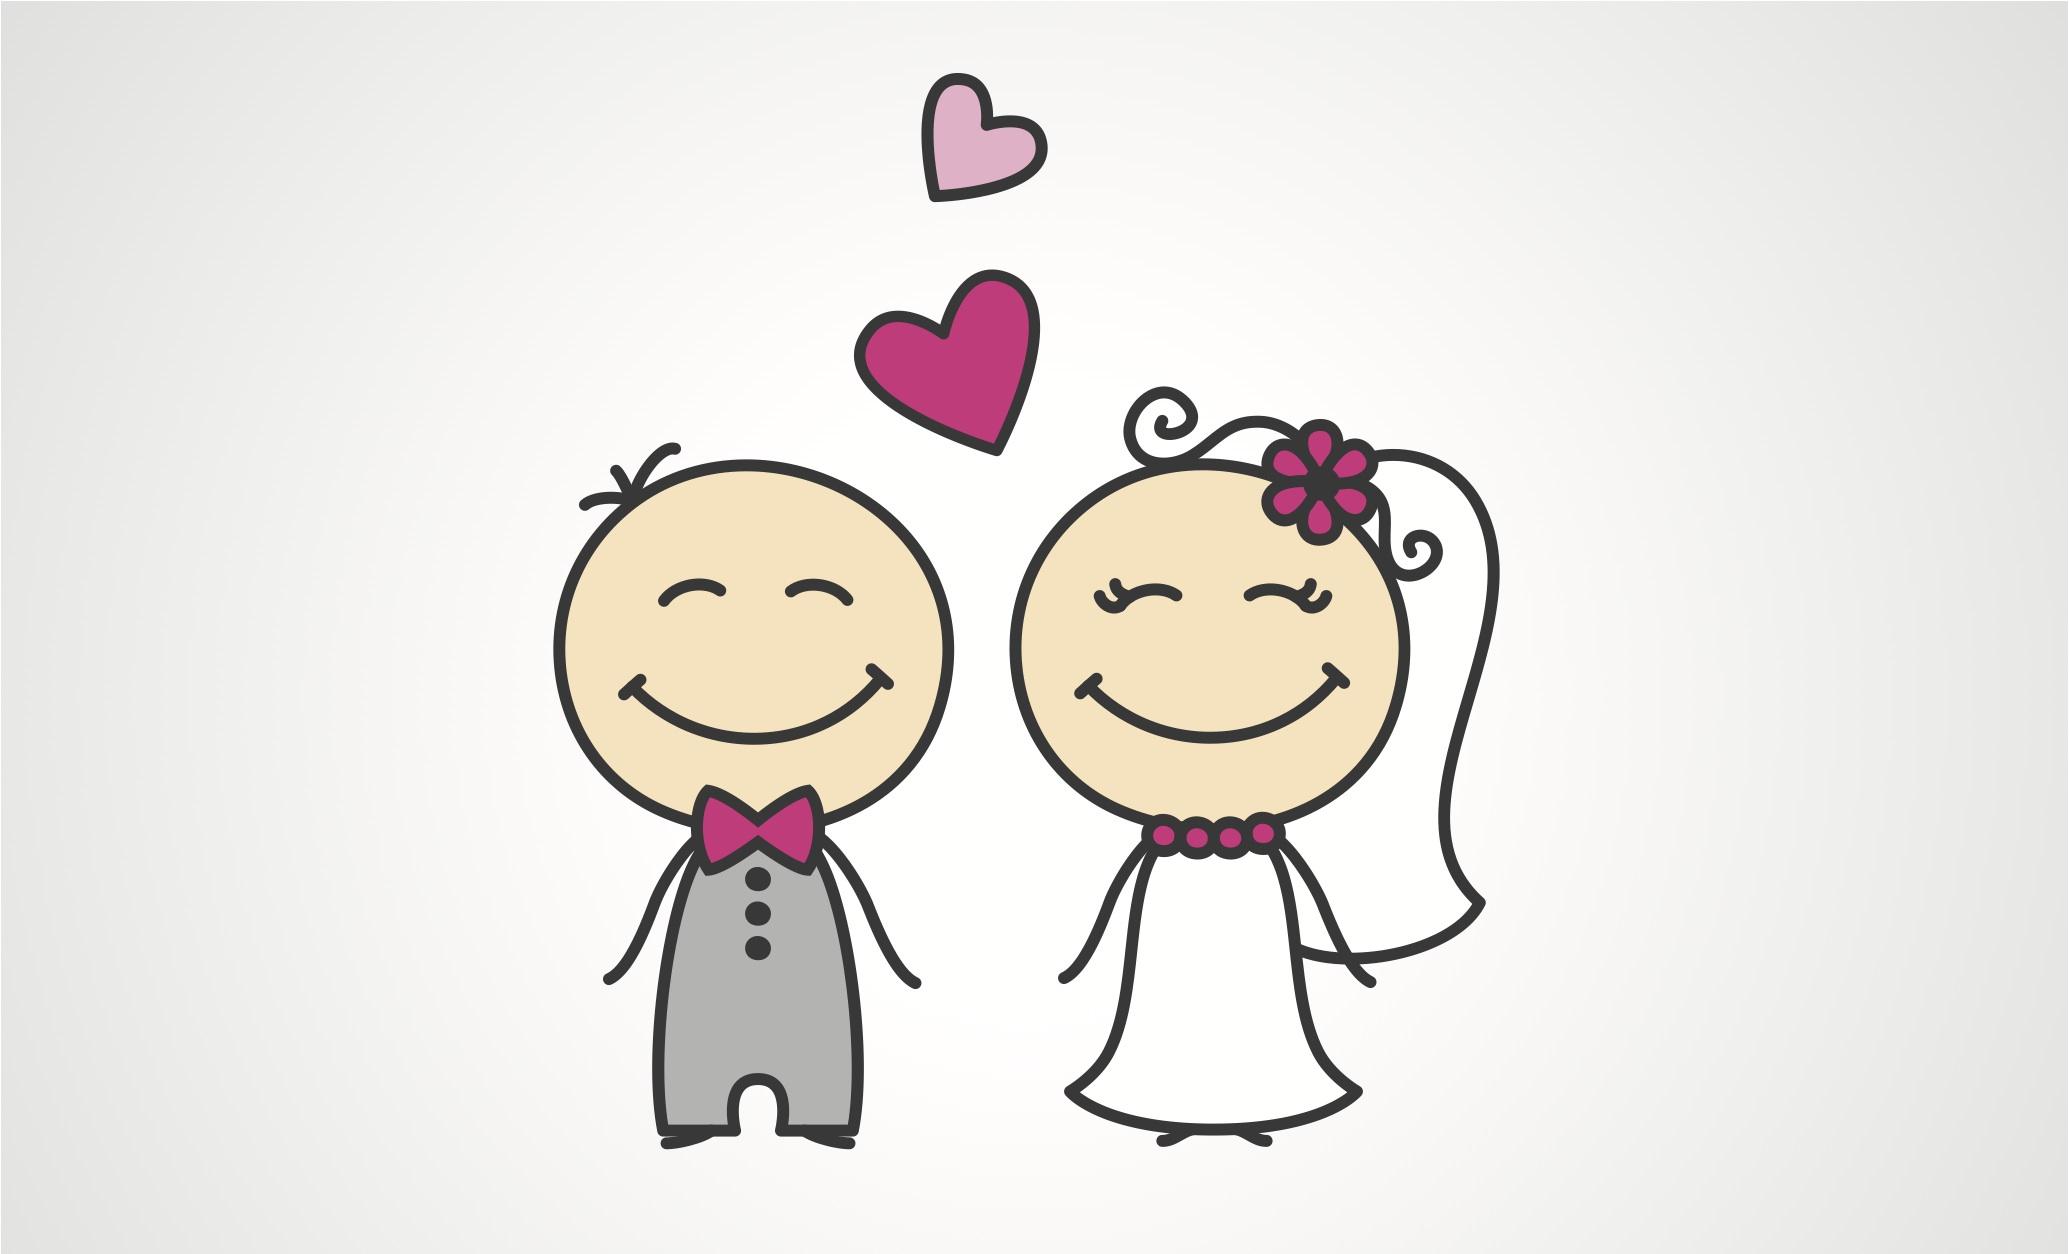 صور الحلم الذي يدل على الزواج